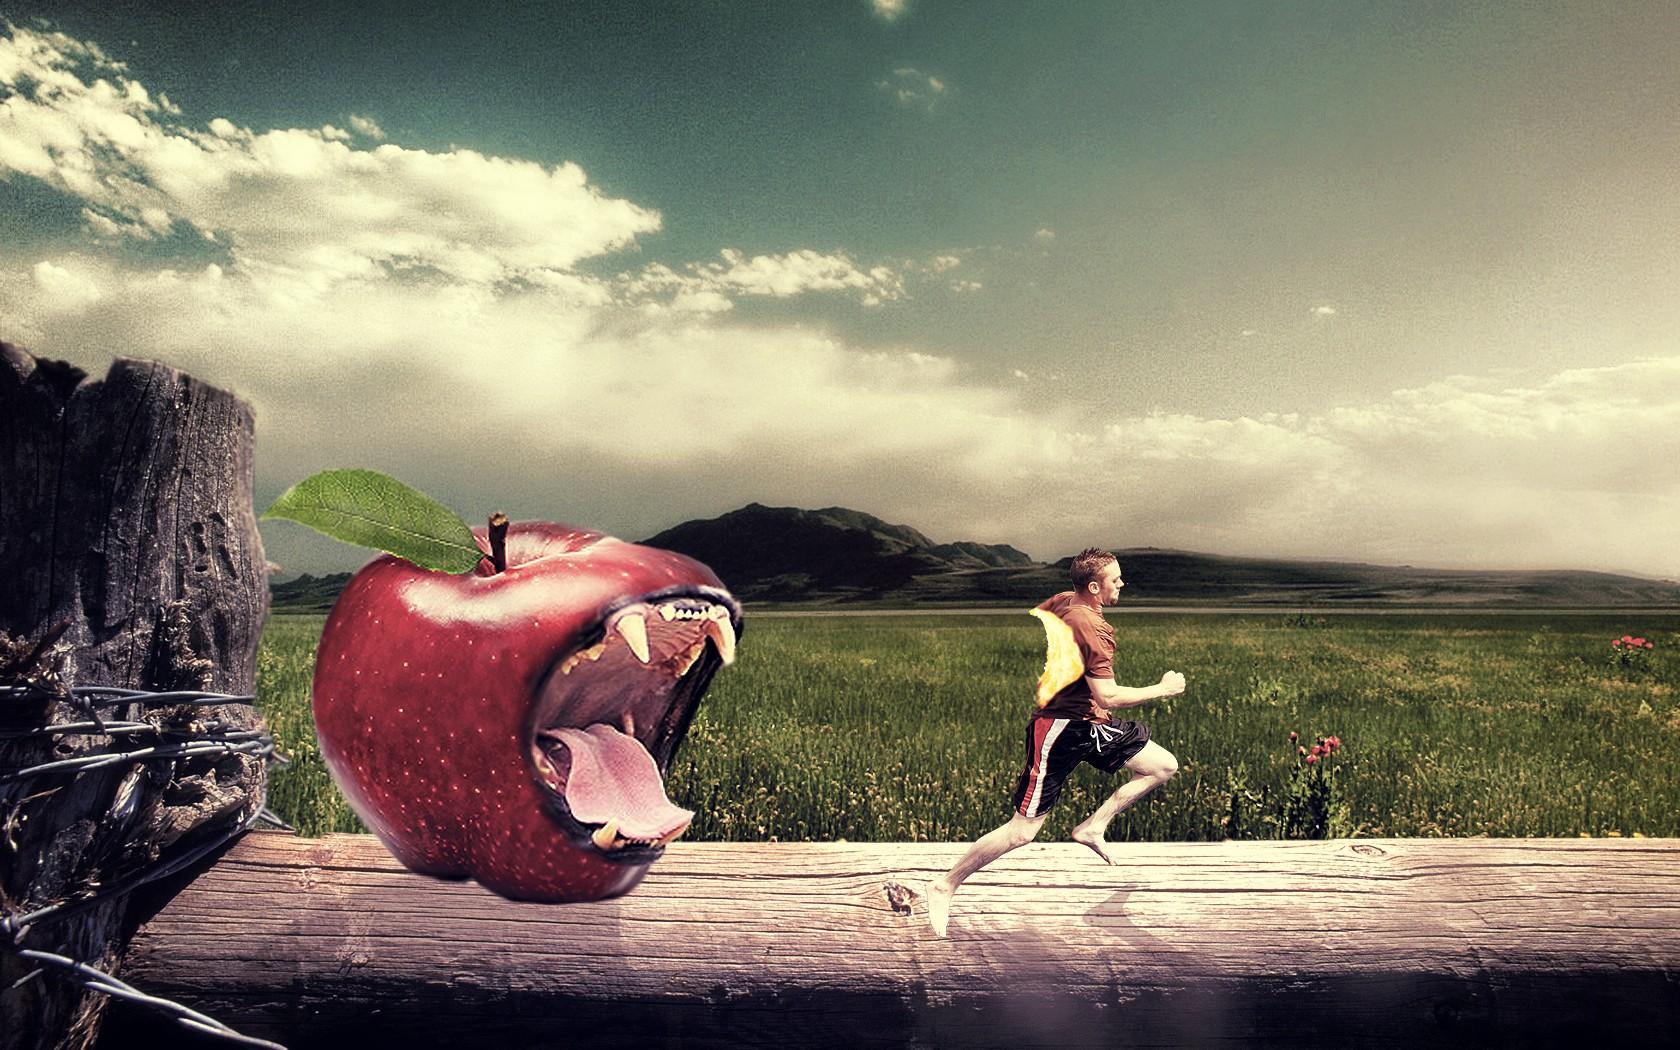 Hình nền : Đàn ông, Ánh sáng mặt trời, nghệ thuật số, Photoshop, Đỏ, nhiếp ảnh, con hổ, táo, buổi sáng, thao tác hình ảnh, Cảm xúc, màu, hoa, ảnh chụp, Hình ...